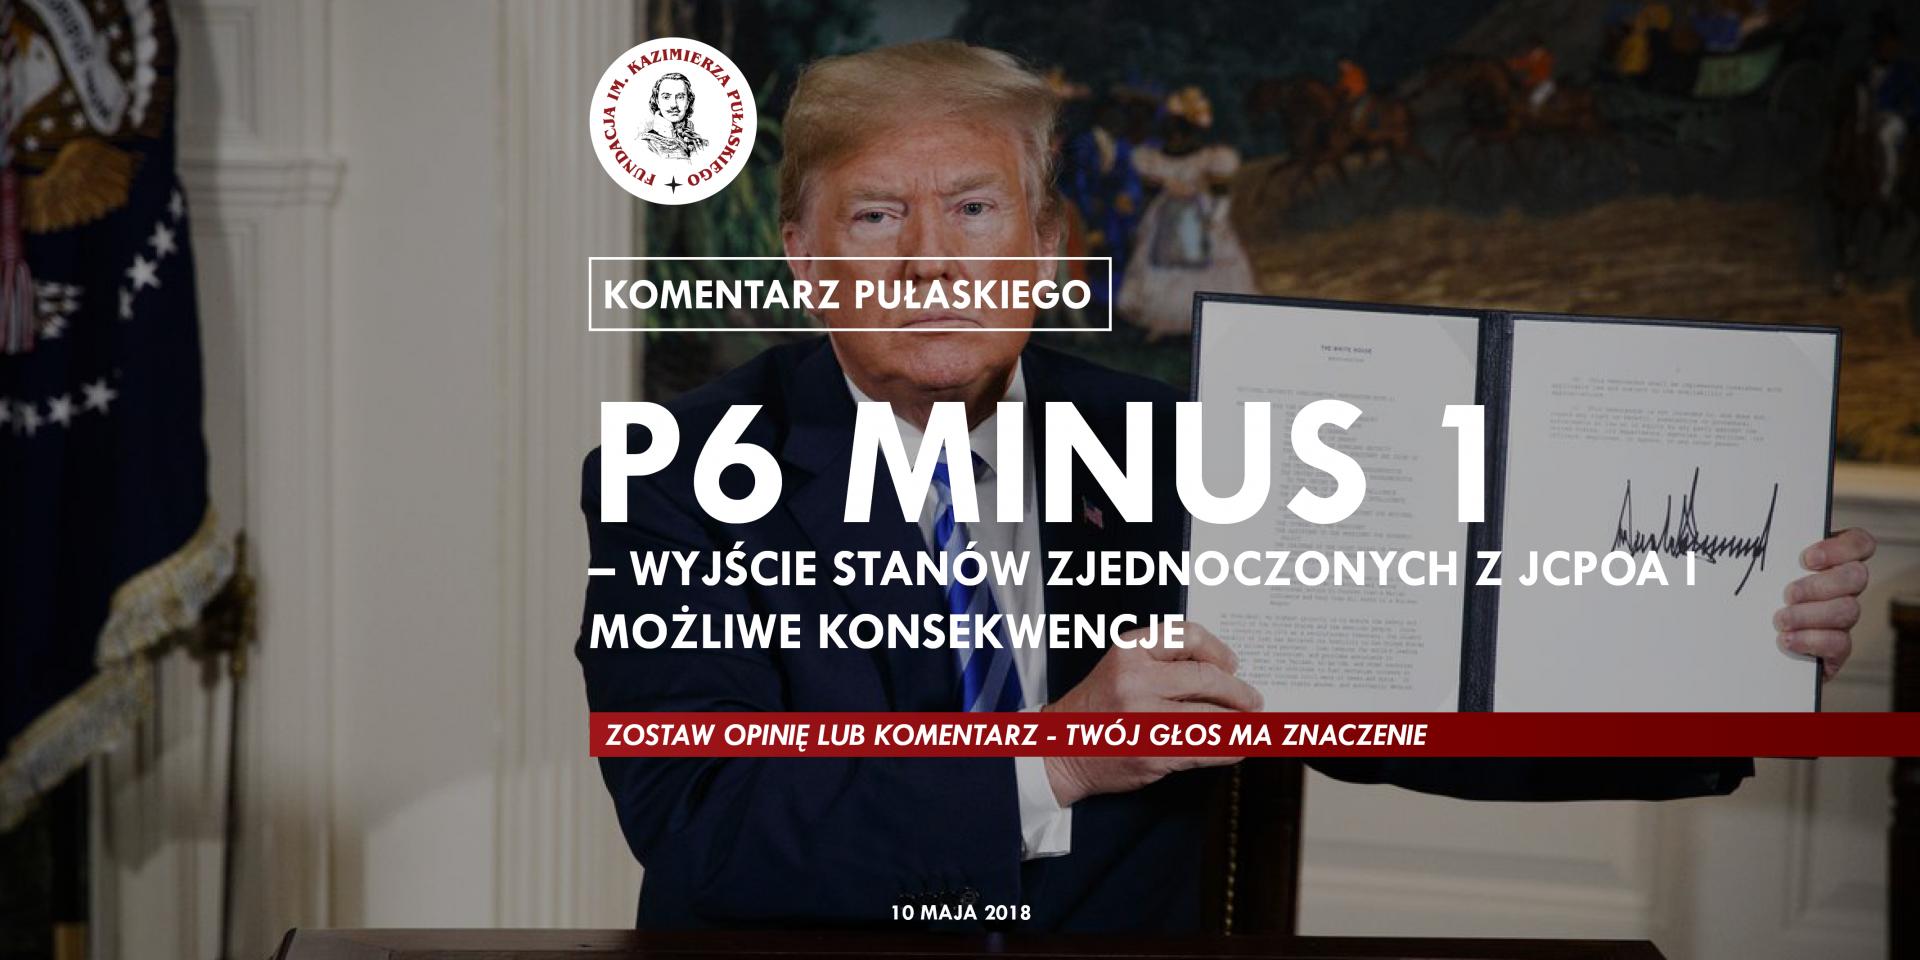 KOMENTARZ PUŁASKIEGO: P6 minus 1 – wyjście Stanów Zjednoczonych zJCPOA imożliwe konsekwencje